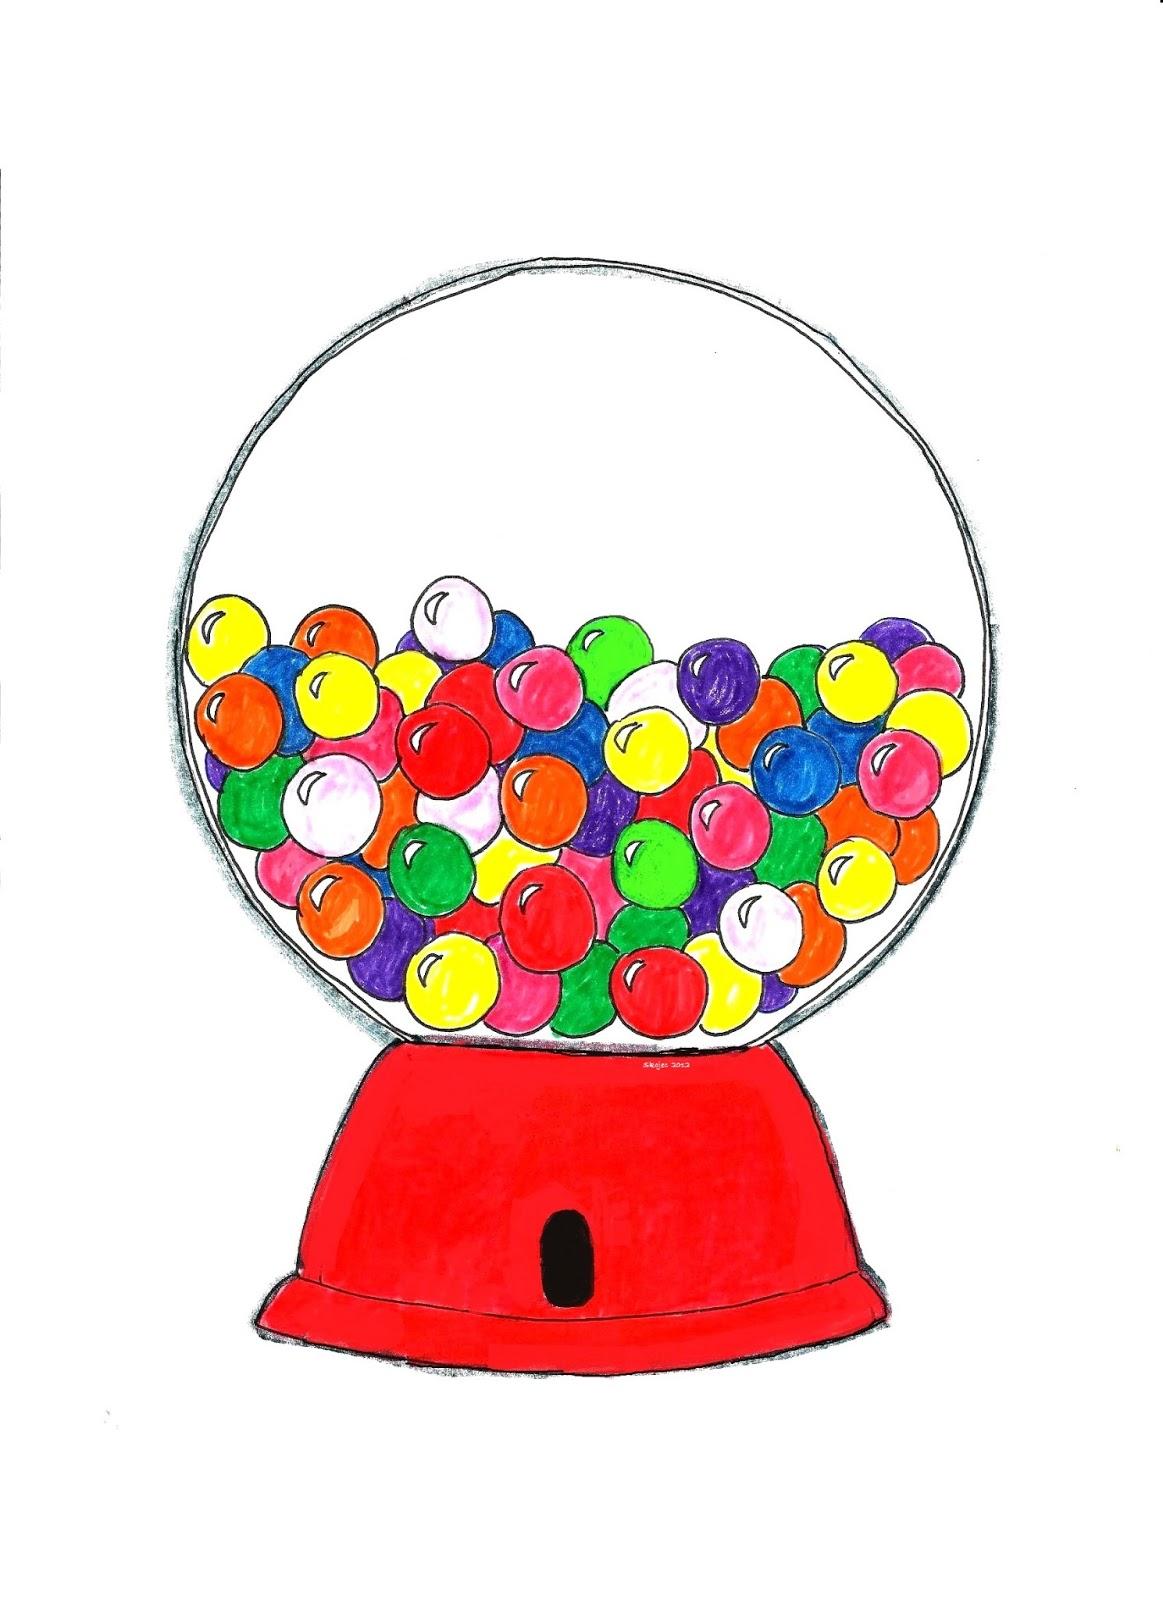 gumball machines art class ideas